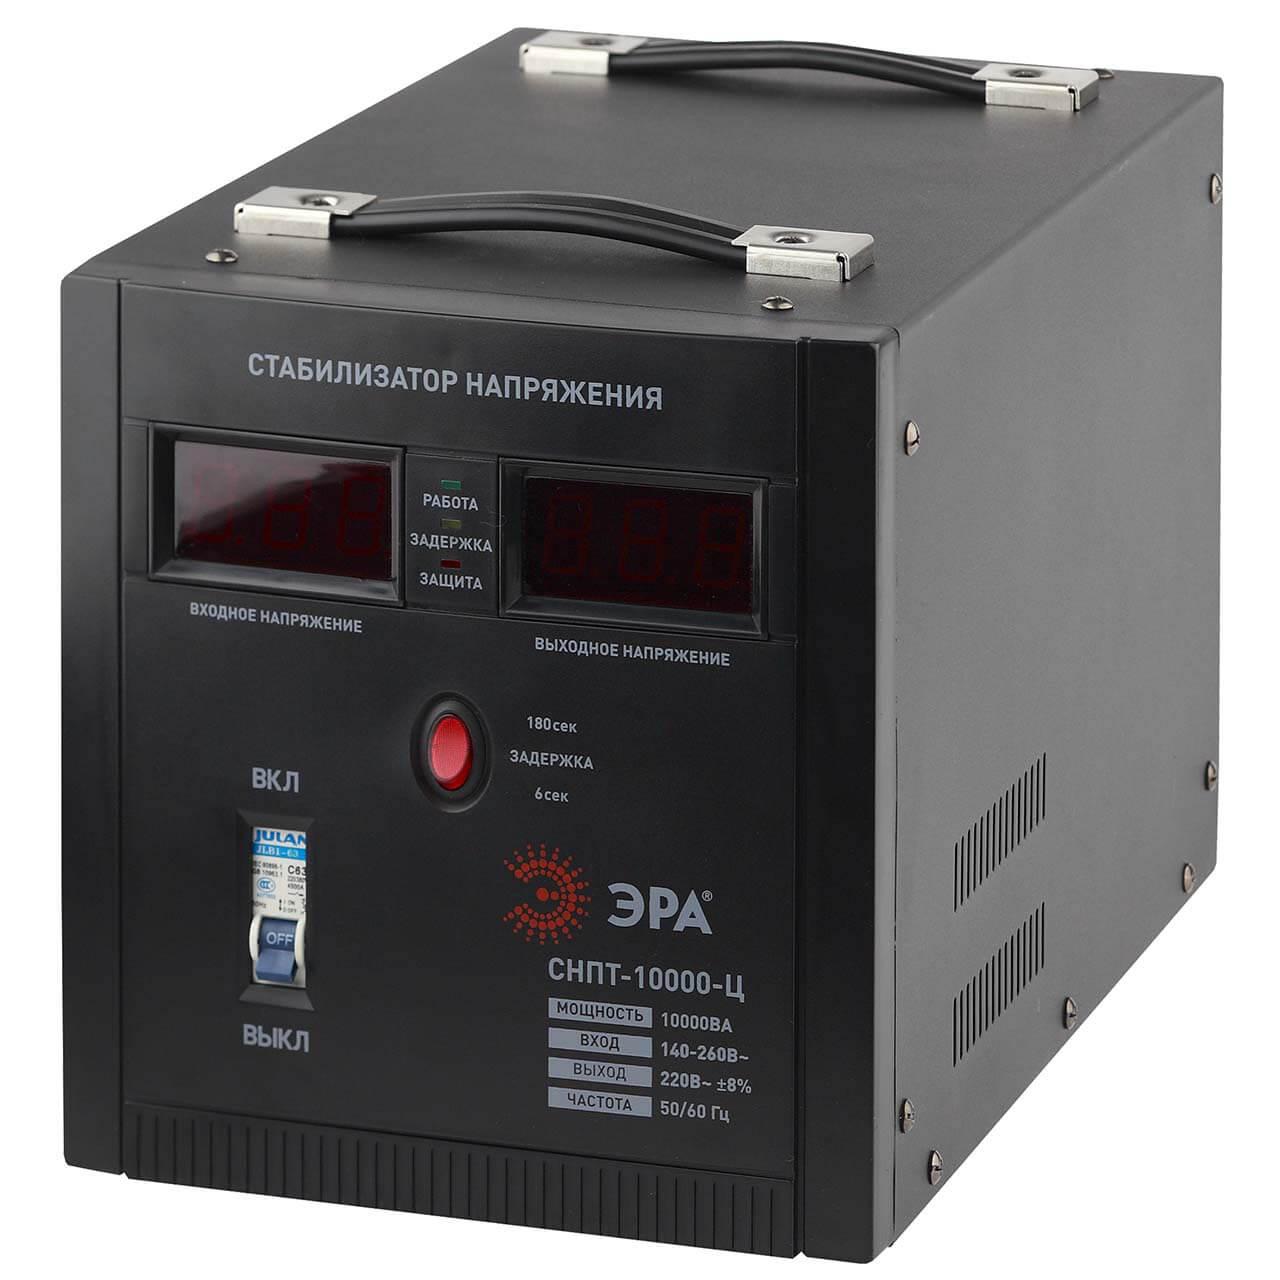 Стабилизатор ЭРА СНПТ-10000-Ц (Подключение через клеммы)